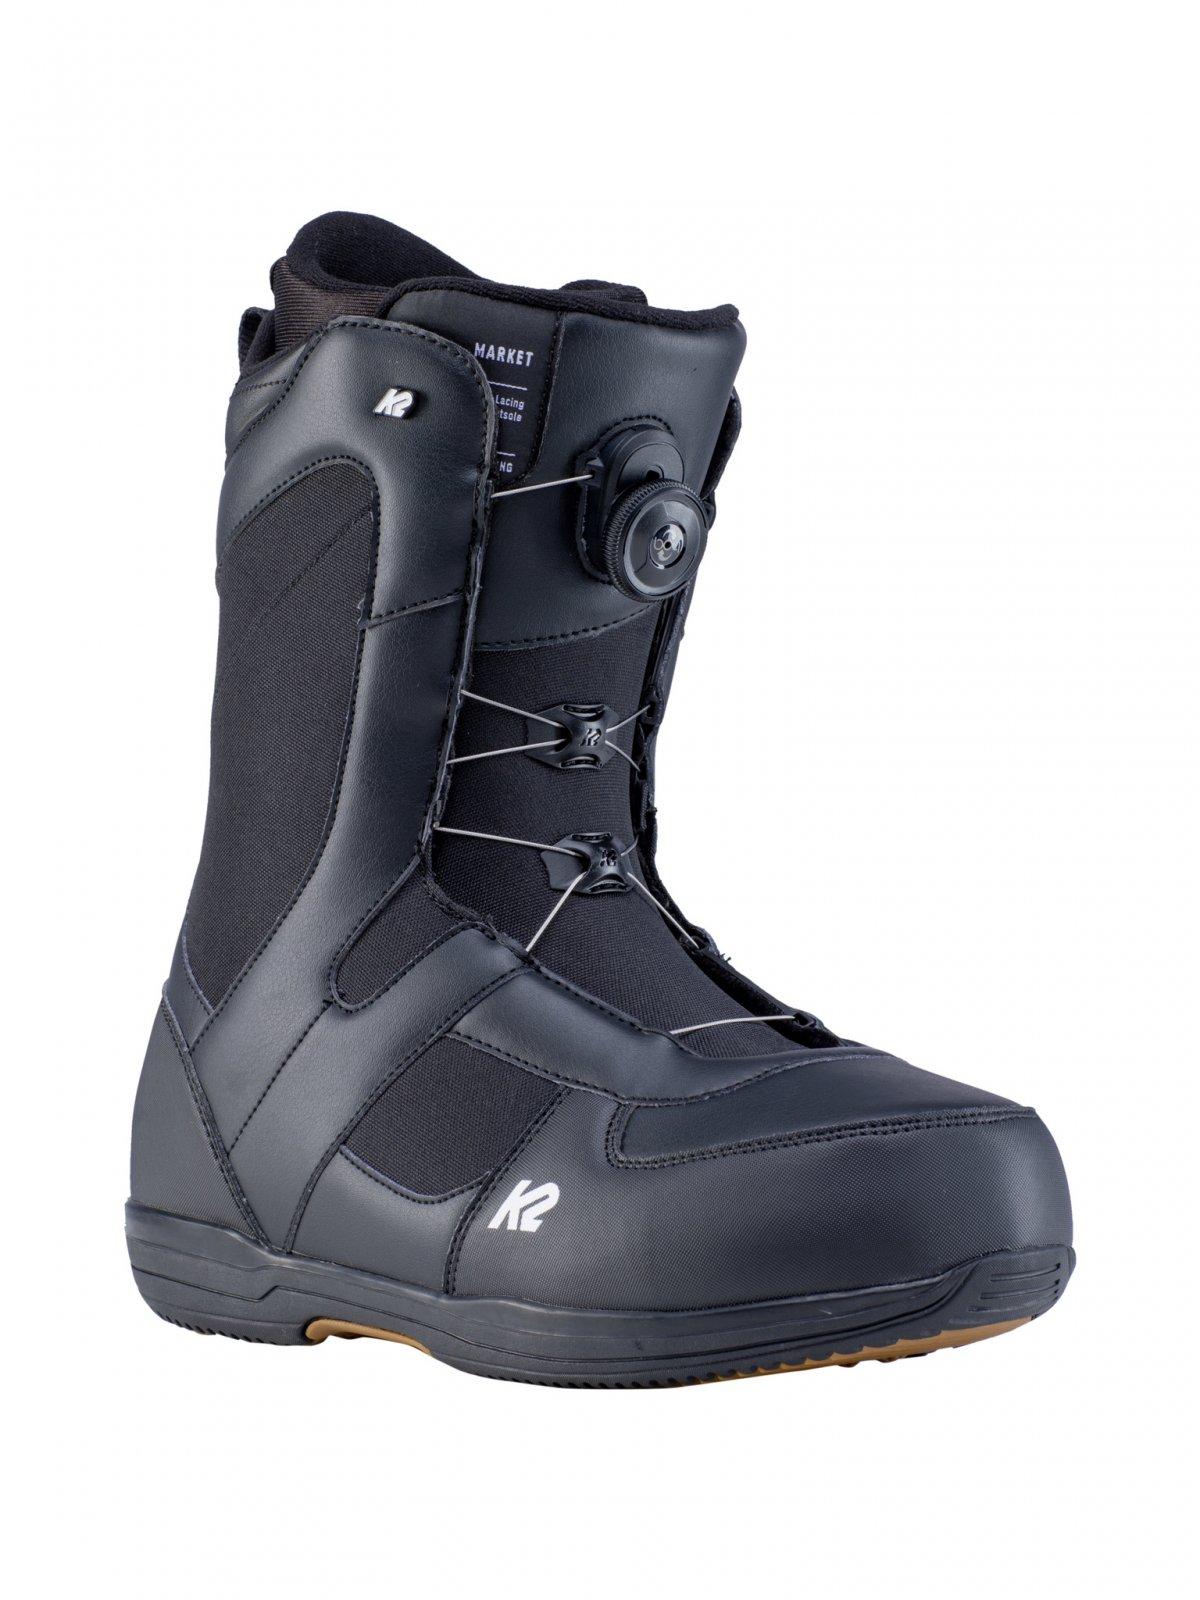 K2 2020 Market Men's Boot